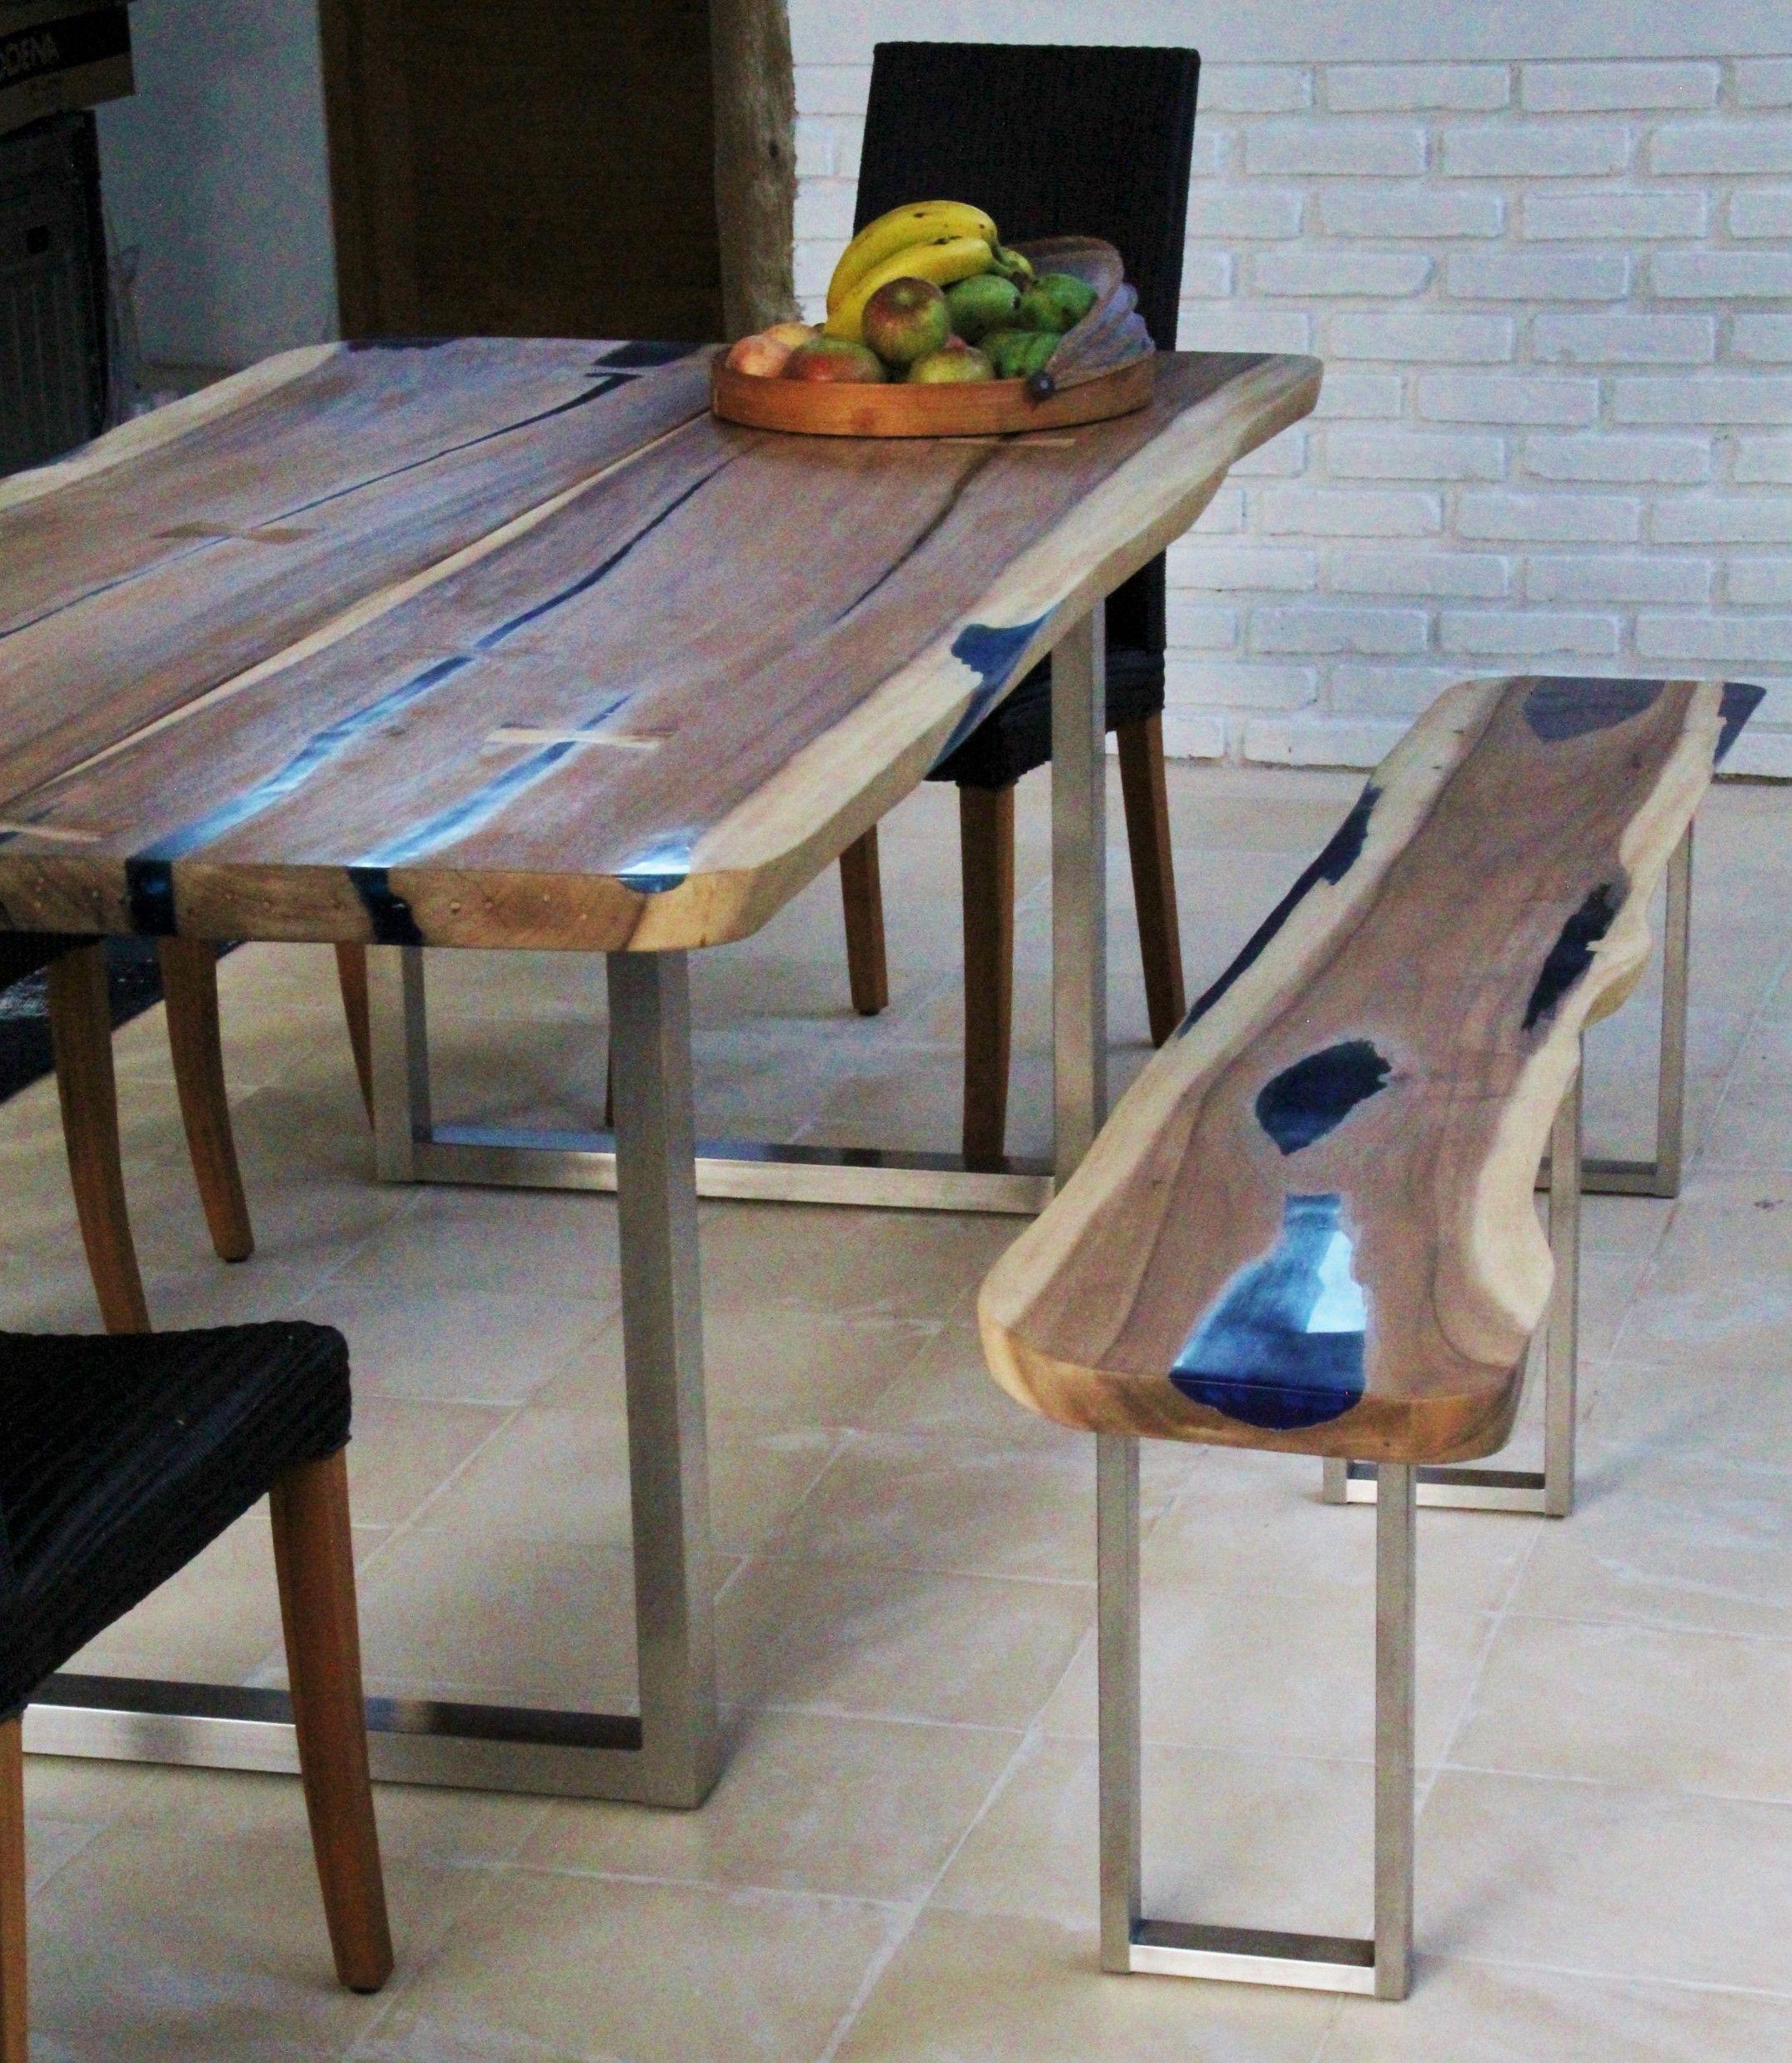 Table Ronde Pour Cuisine Plateau En Bois Naturel Table Ronde Bois Table Renove Table Ronde Cuisine